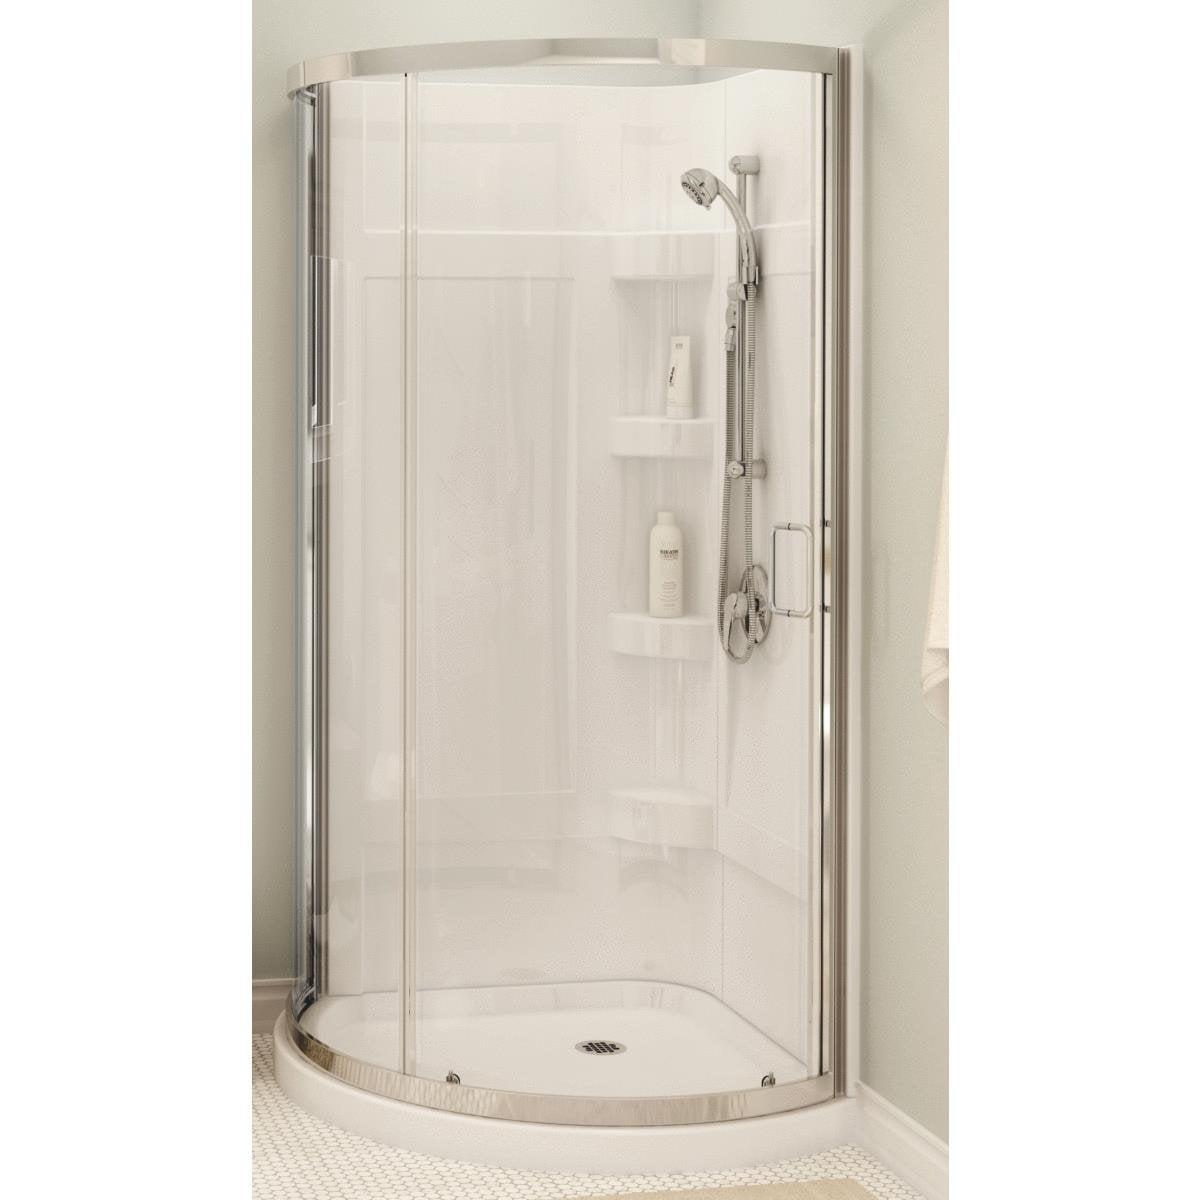 Maax White Round Shower Kit